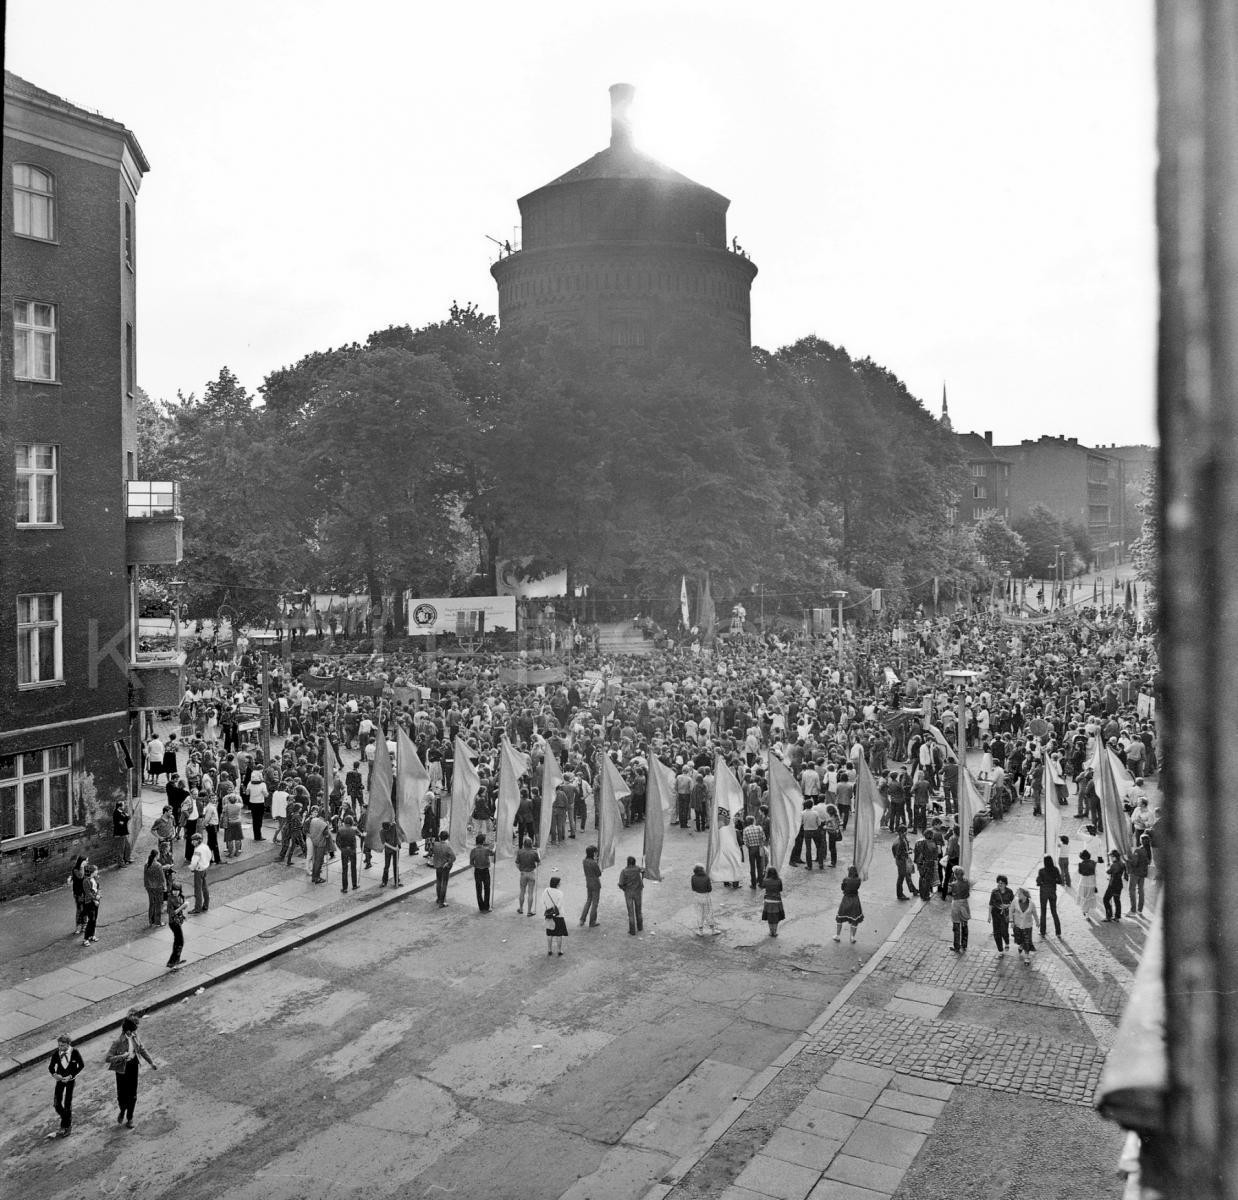 Nr02-105_Wasserturm-Knaakstr.-21.5.1983